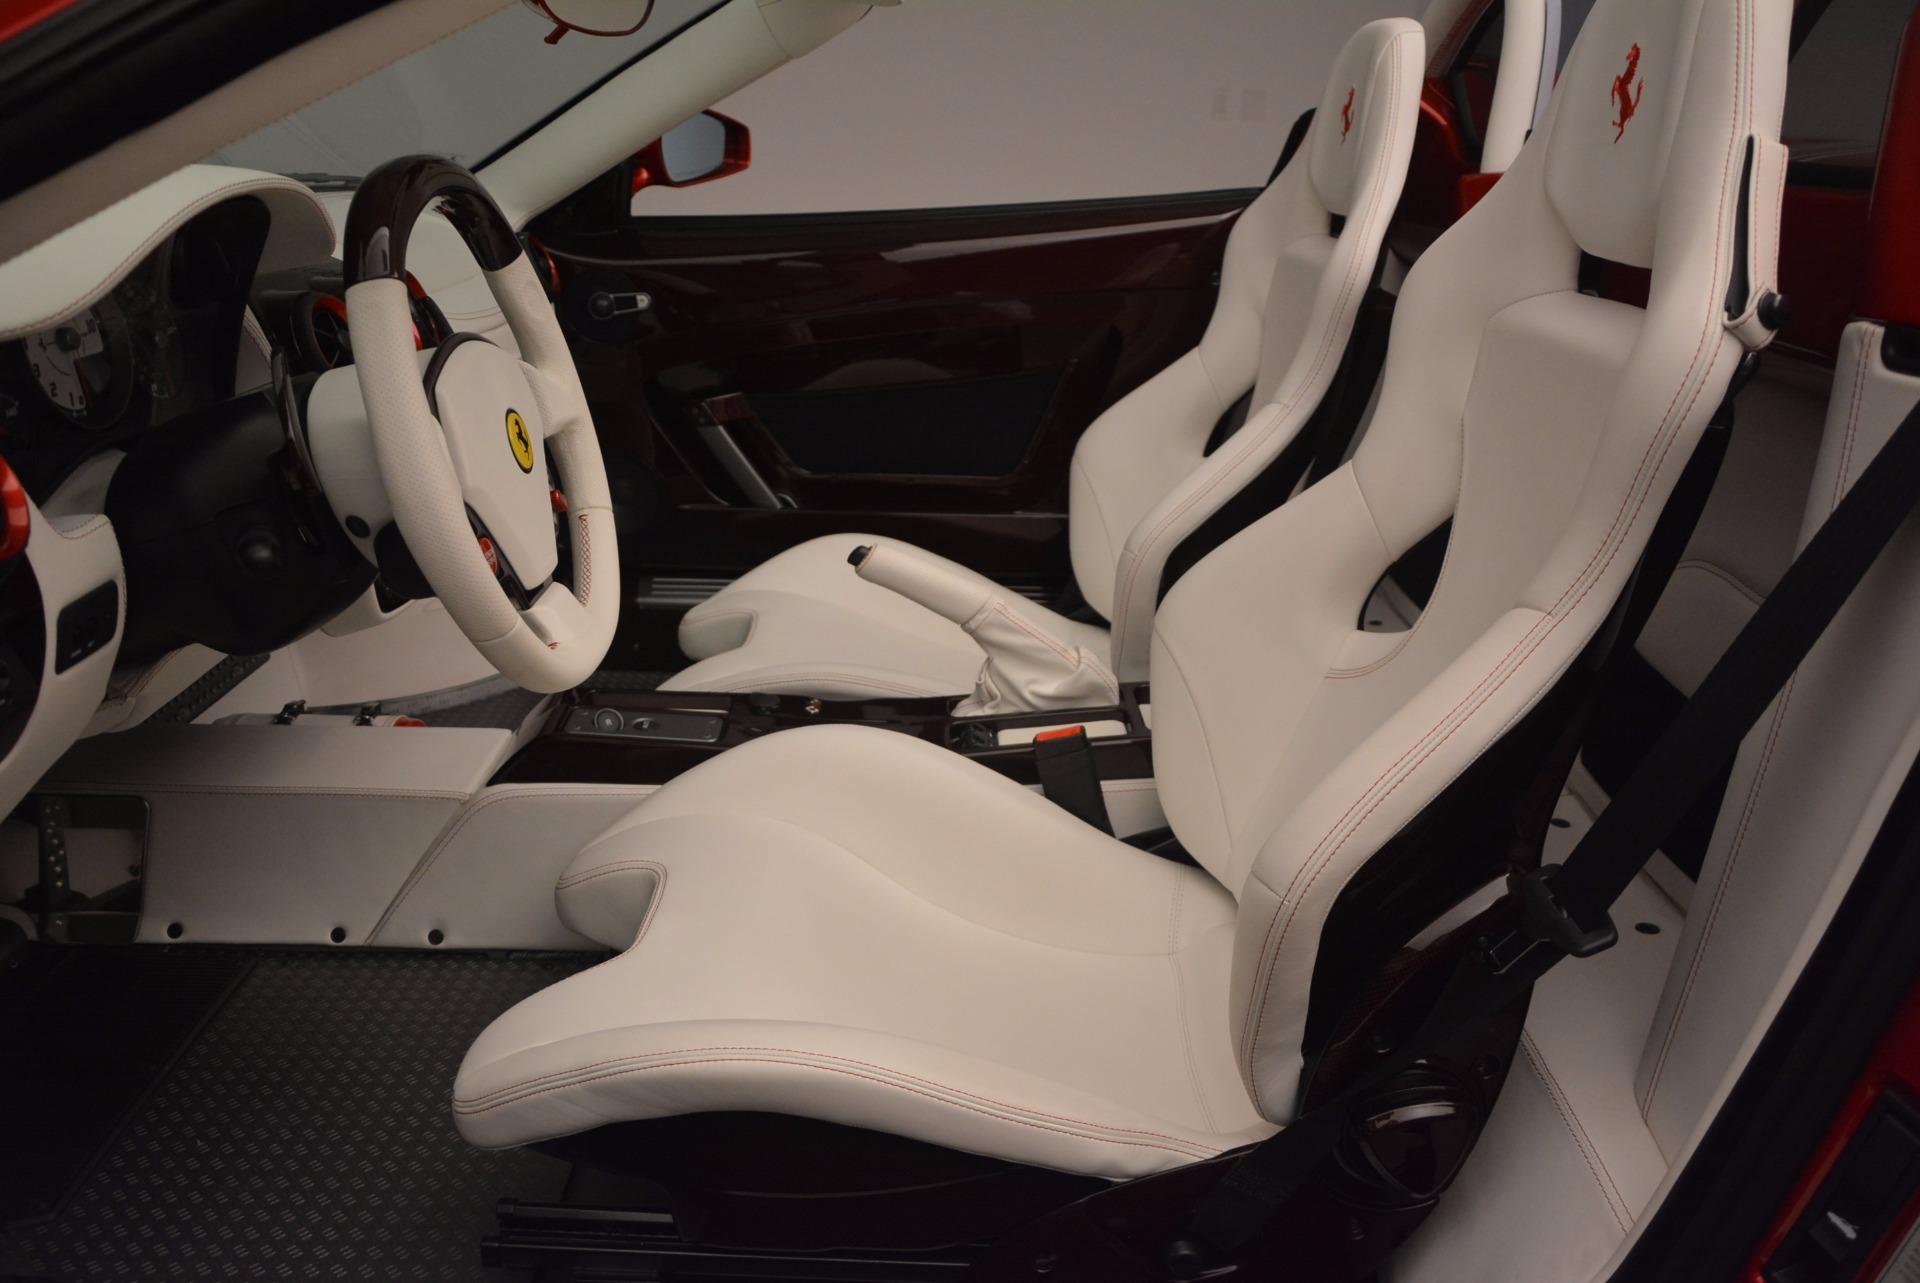 Used 2009 Ferrari F430 Scuderia 16M For Sale In Greenwich, CT. Alfa Romeo of Greenwich, 4404 1398_p26